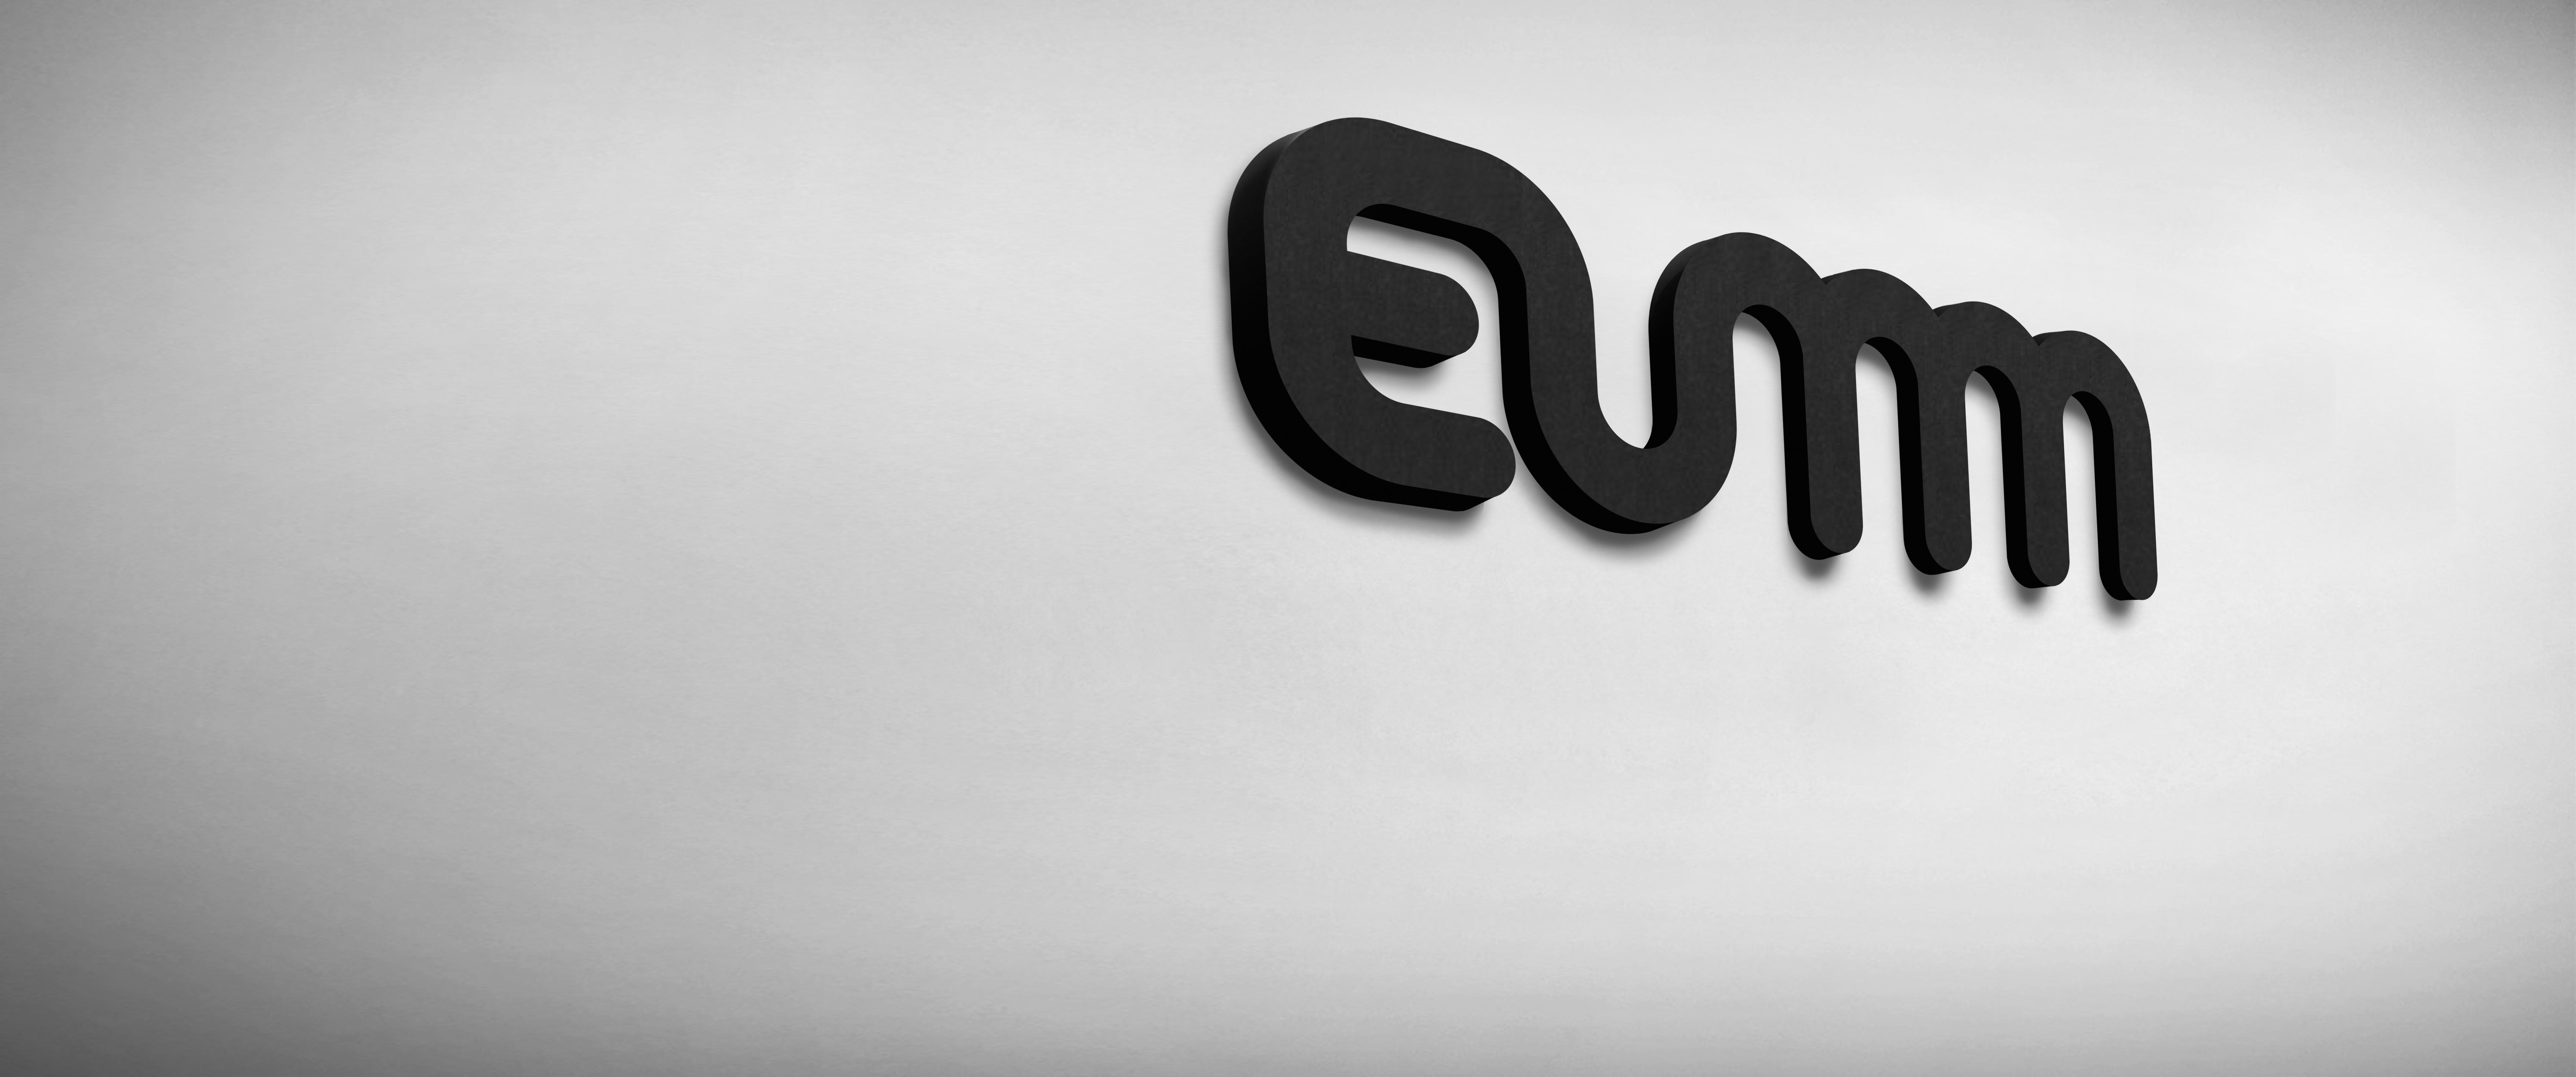 Eumm_Wall-05.jpg